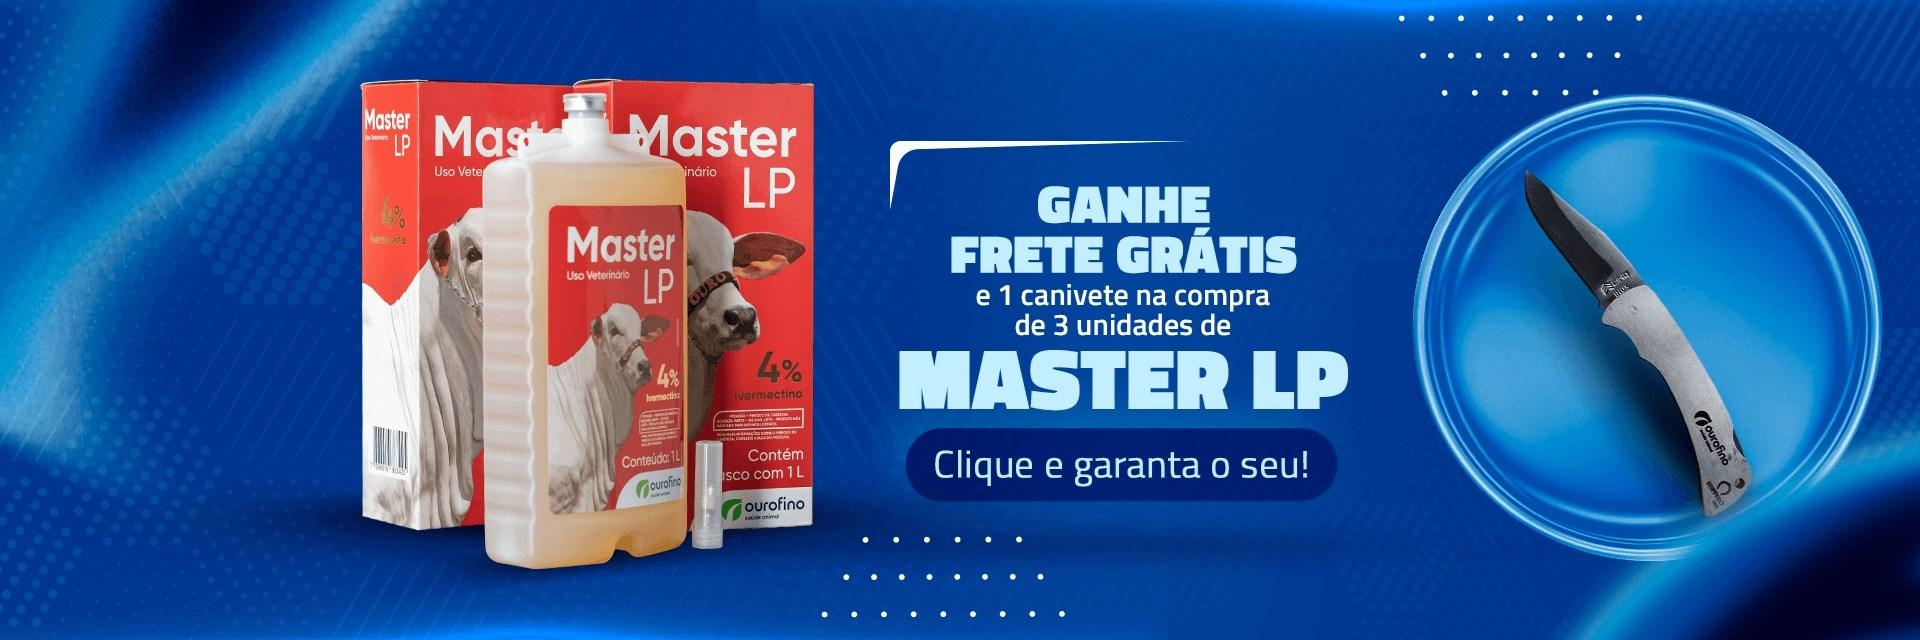 master lp